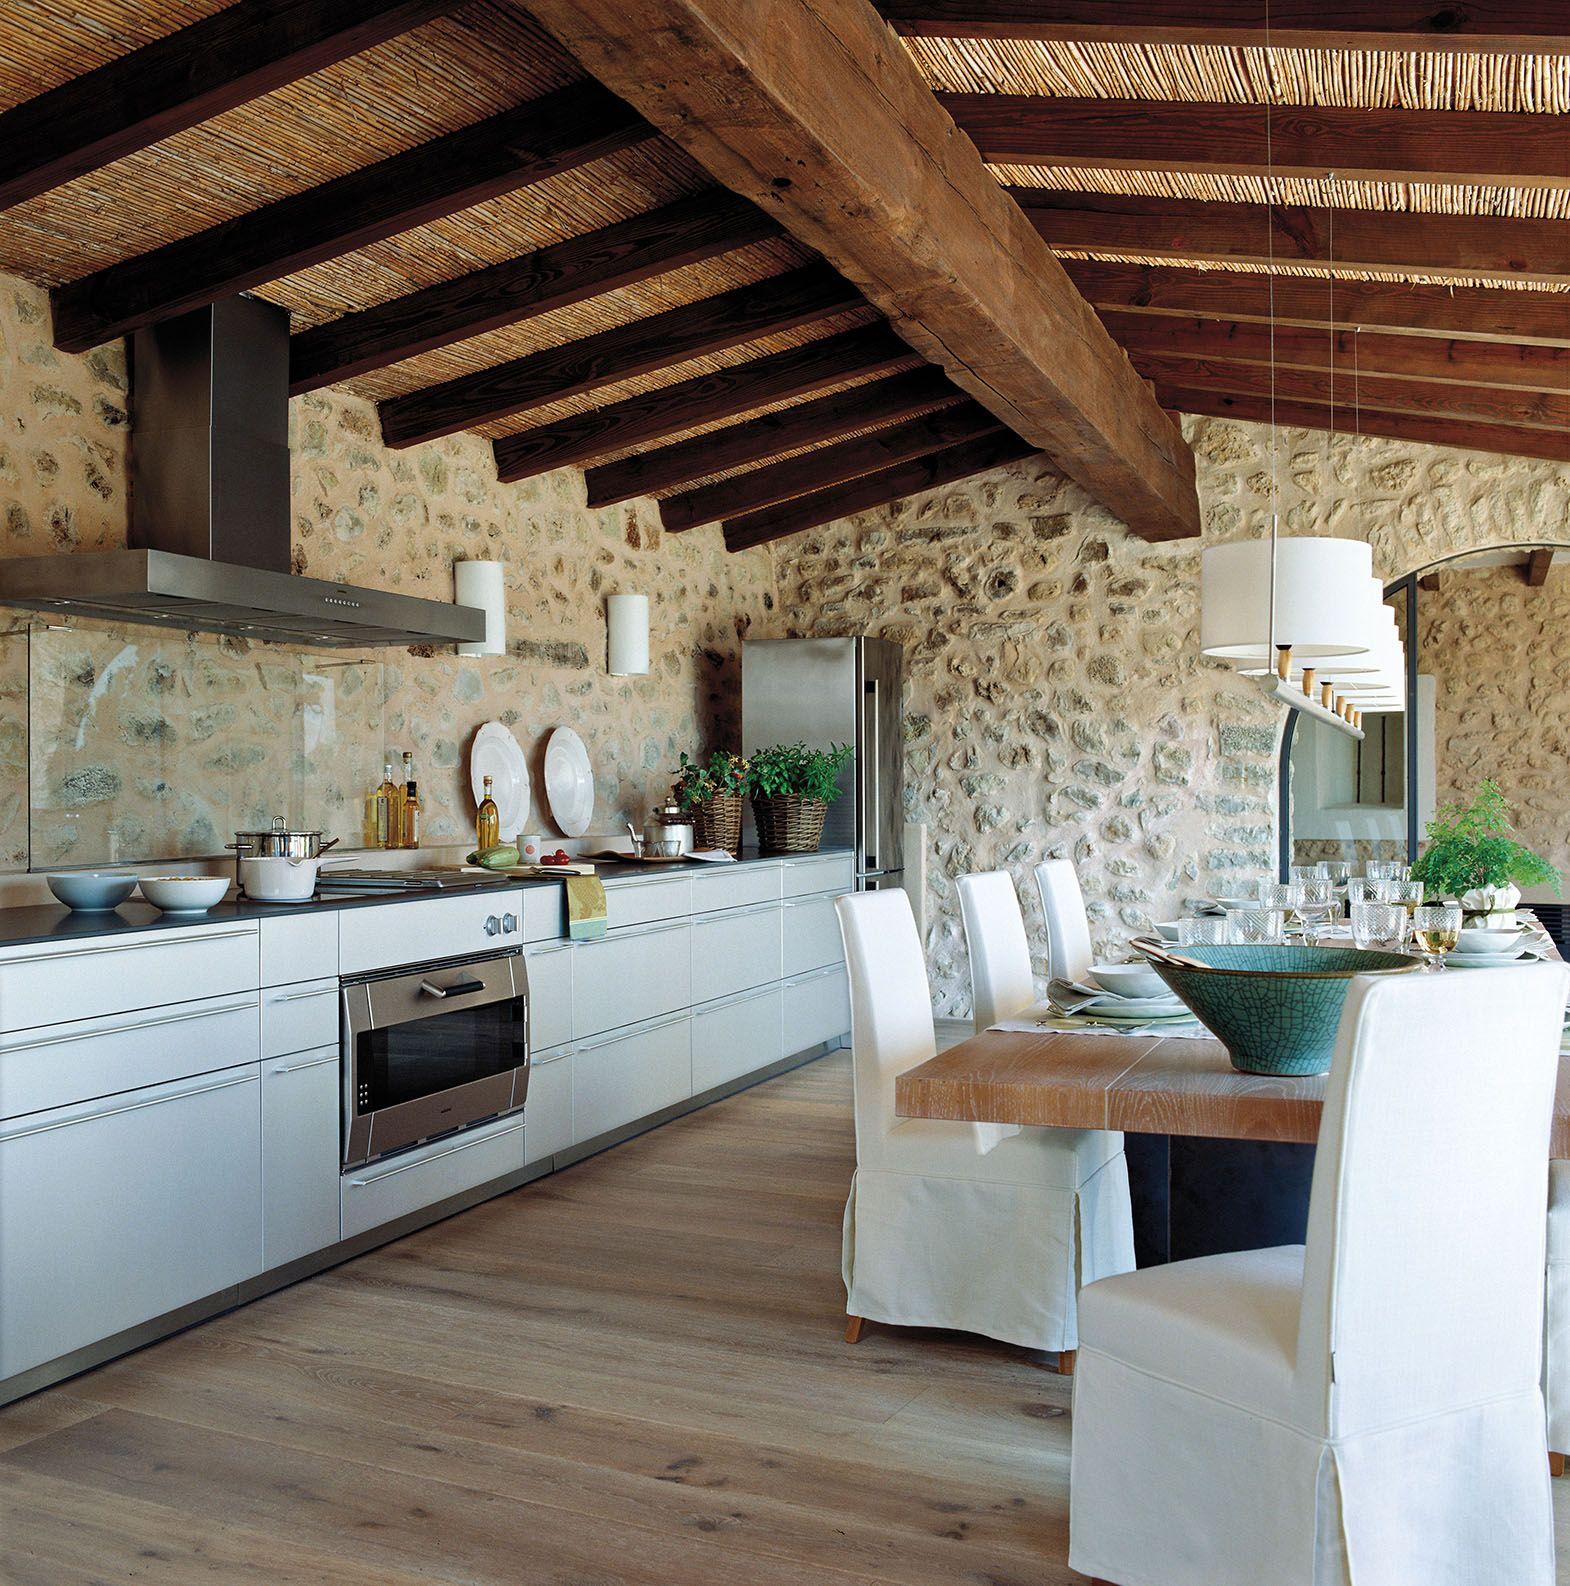 Una casa r stica en mallorca con arcos y paredes de piedra - Casas rusticas mallorca ...